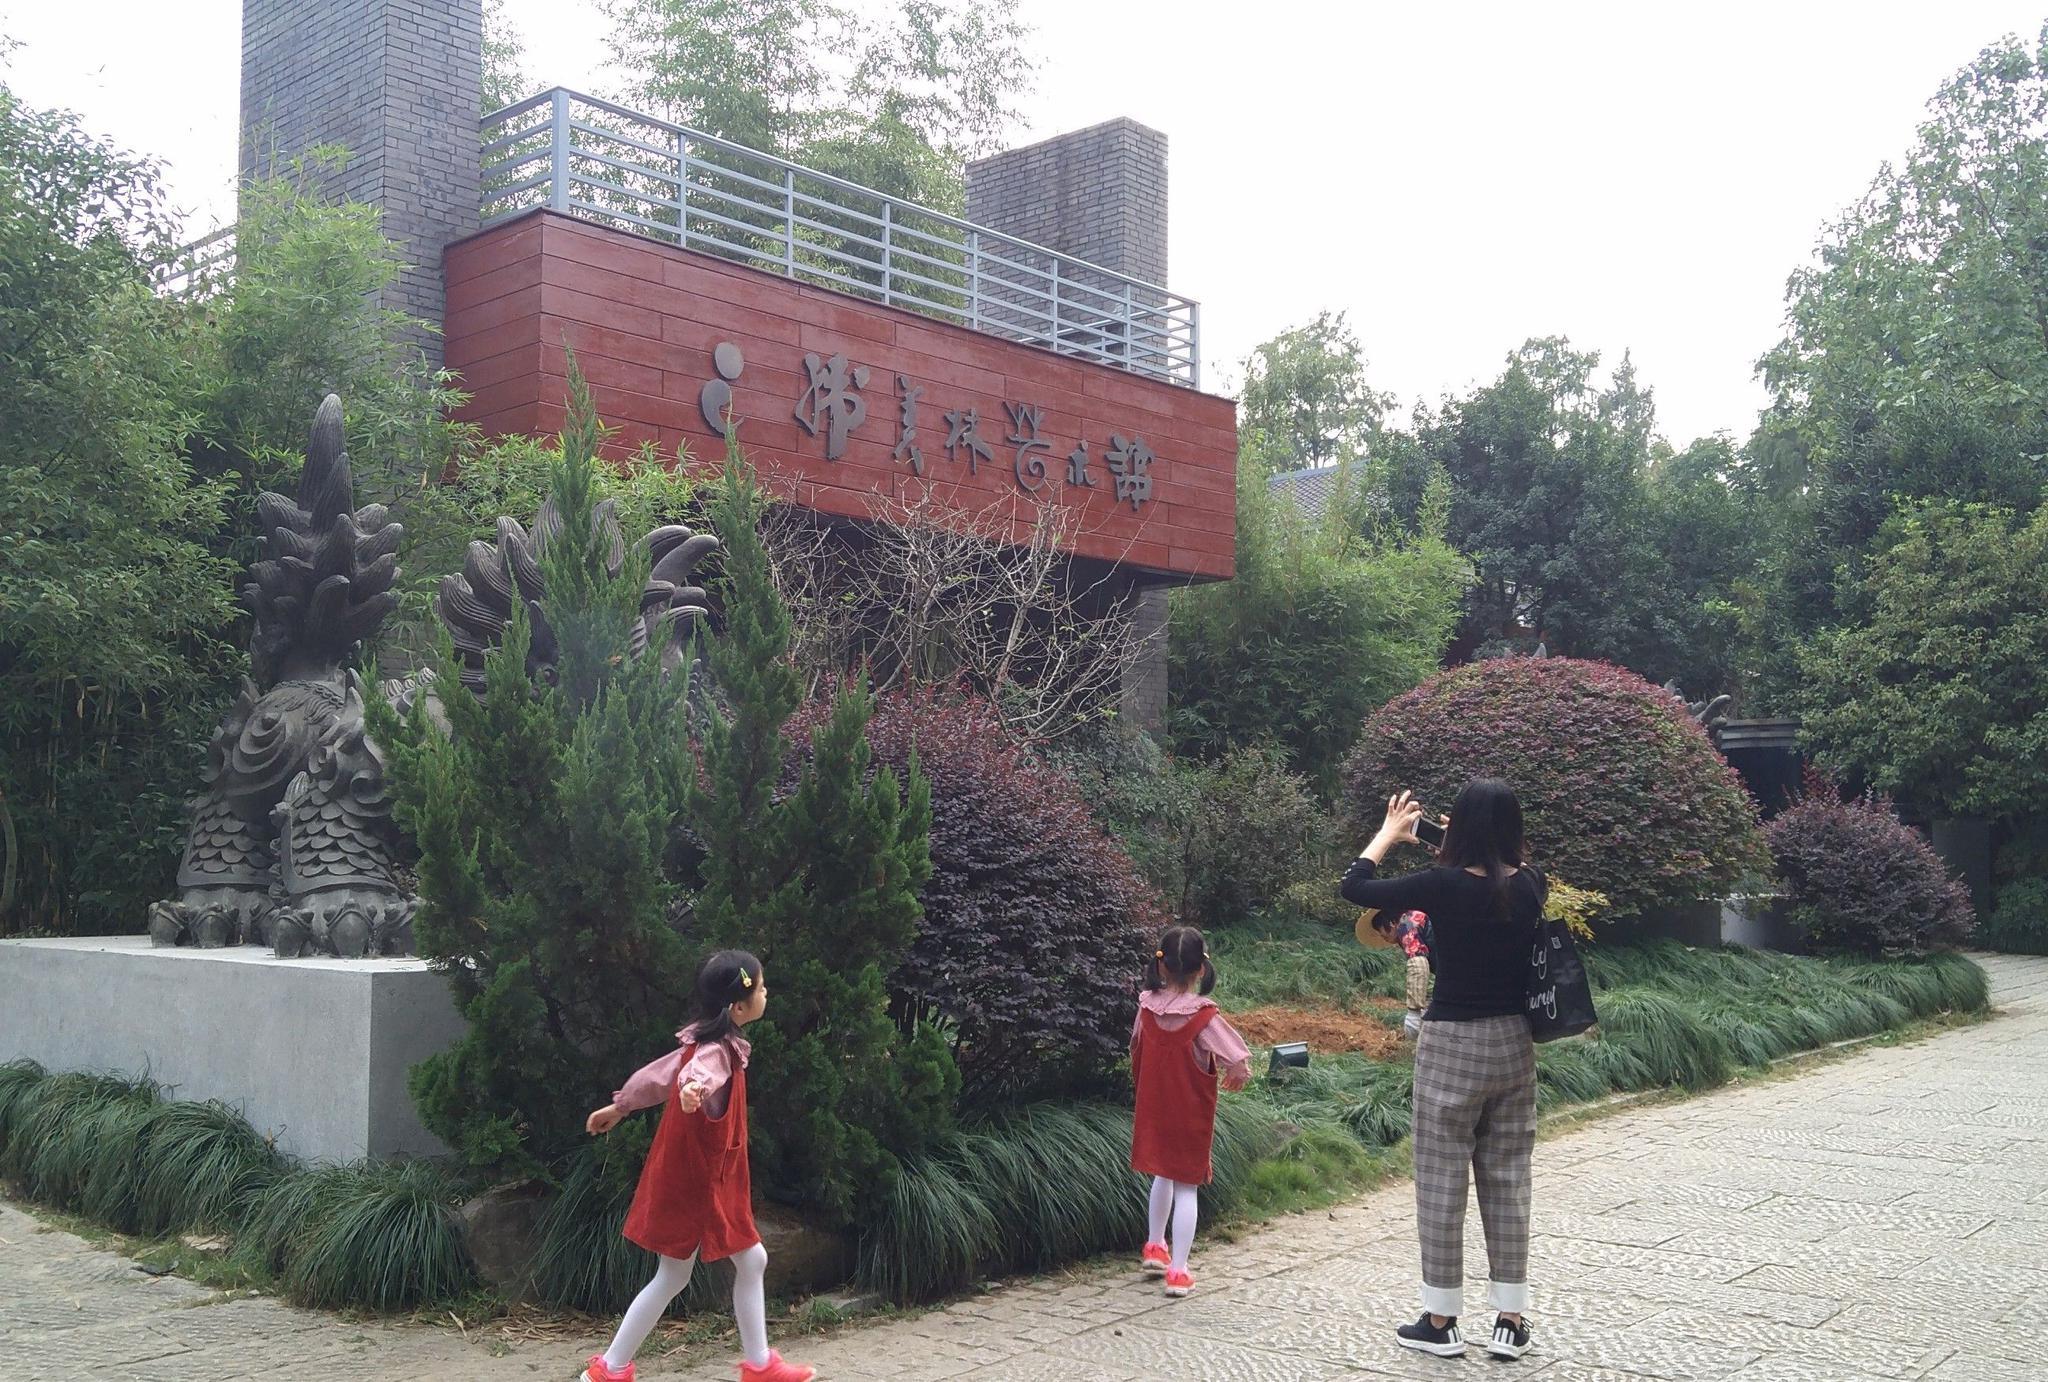 到杭州植物园游玩无甚收获,韩美林艺术馆值得品味